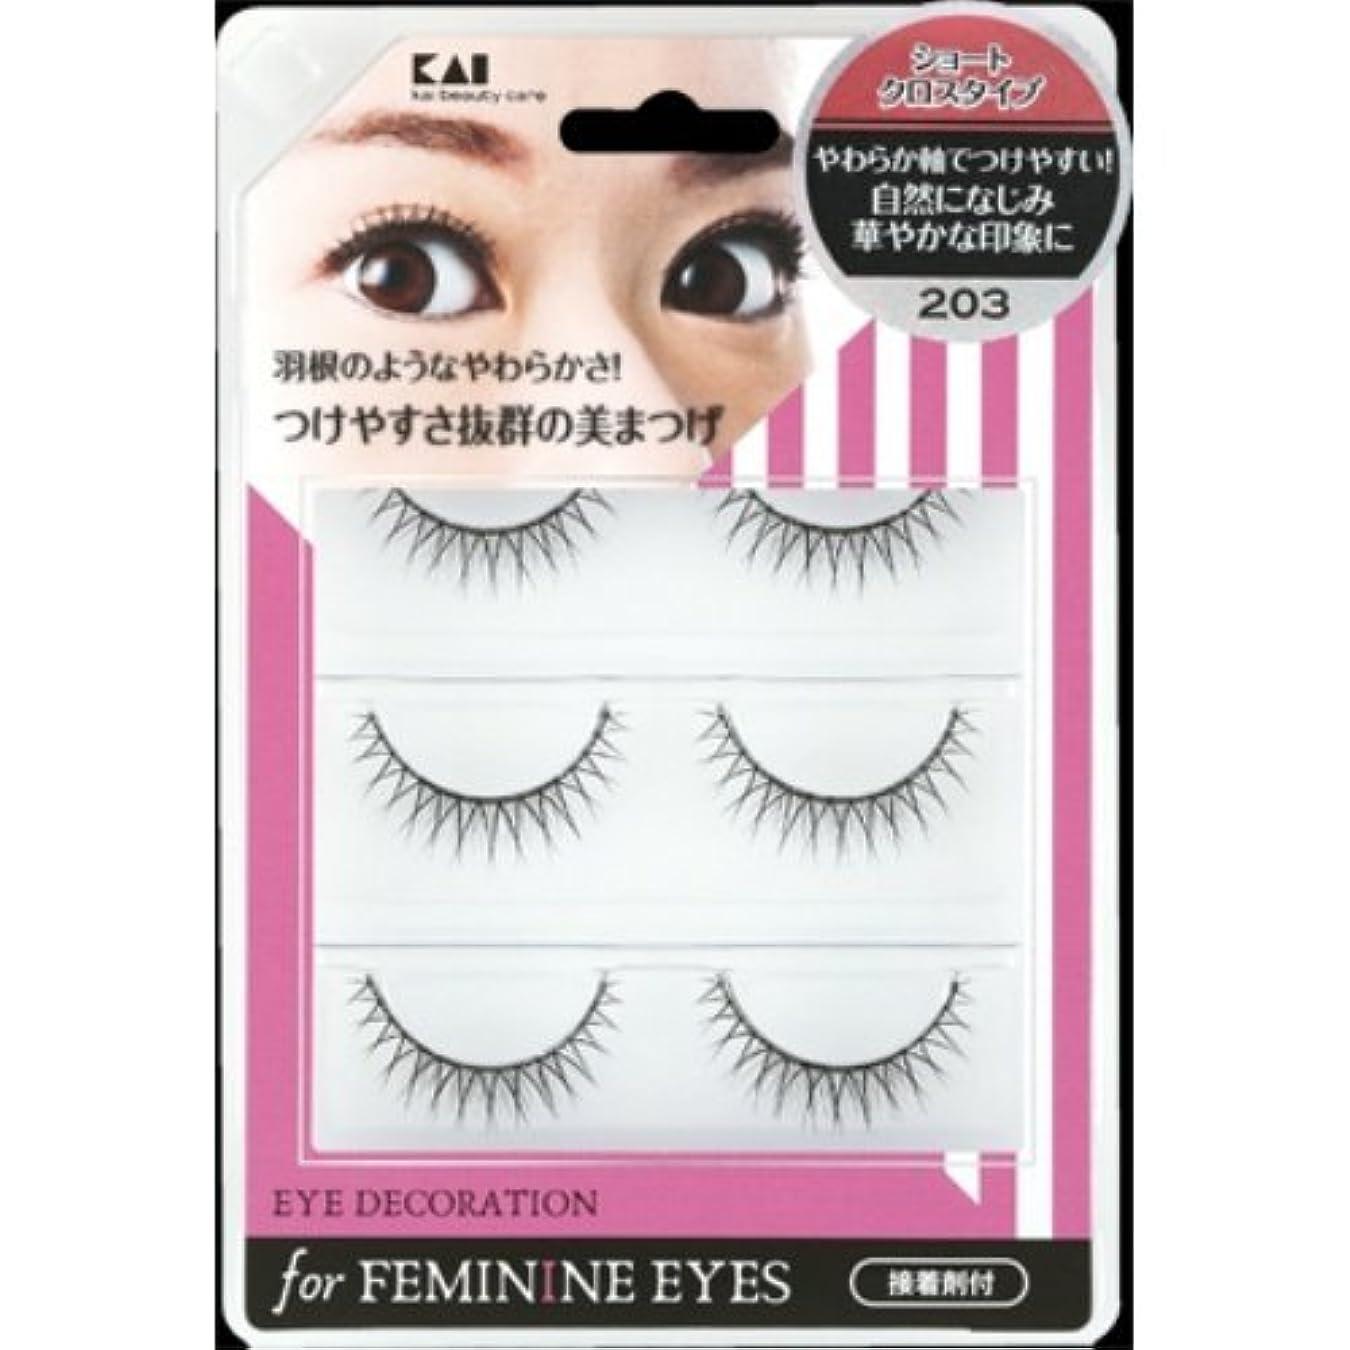 測定要塞欺貝印 アイデコレーション for feminine eyes 203 HC1560